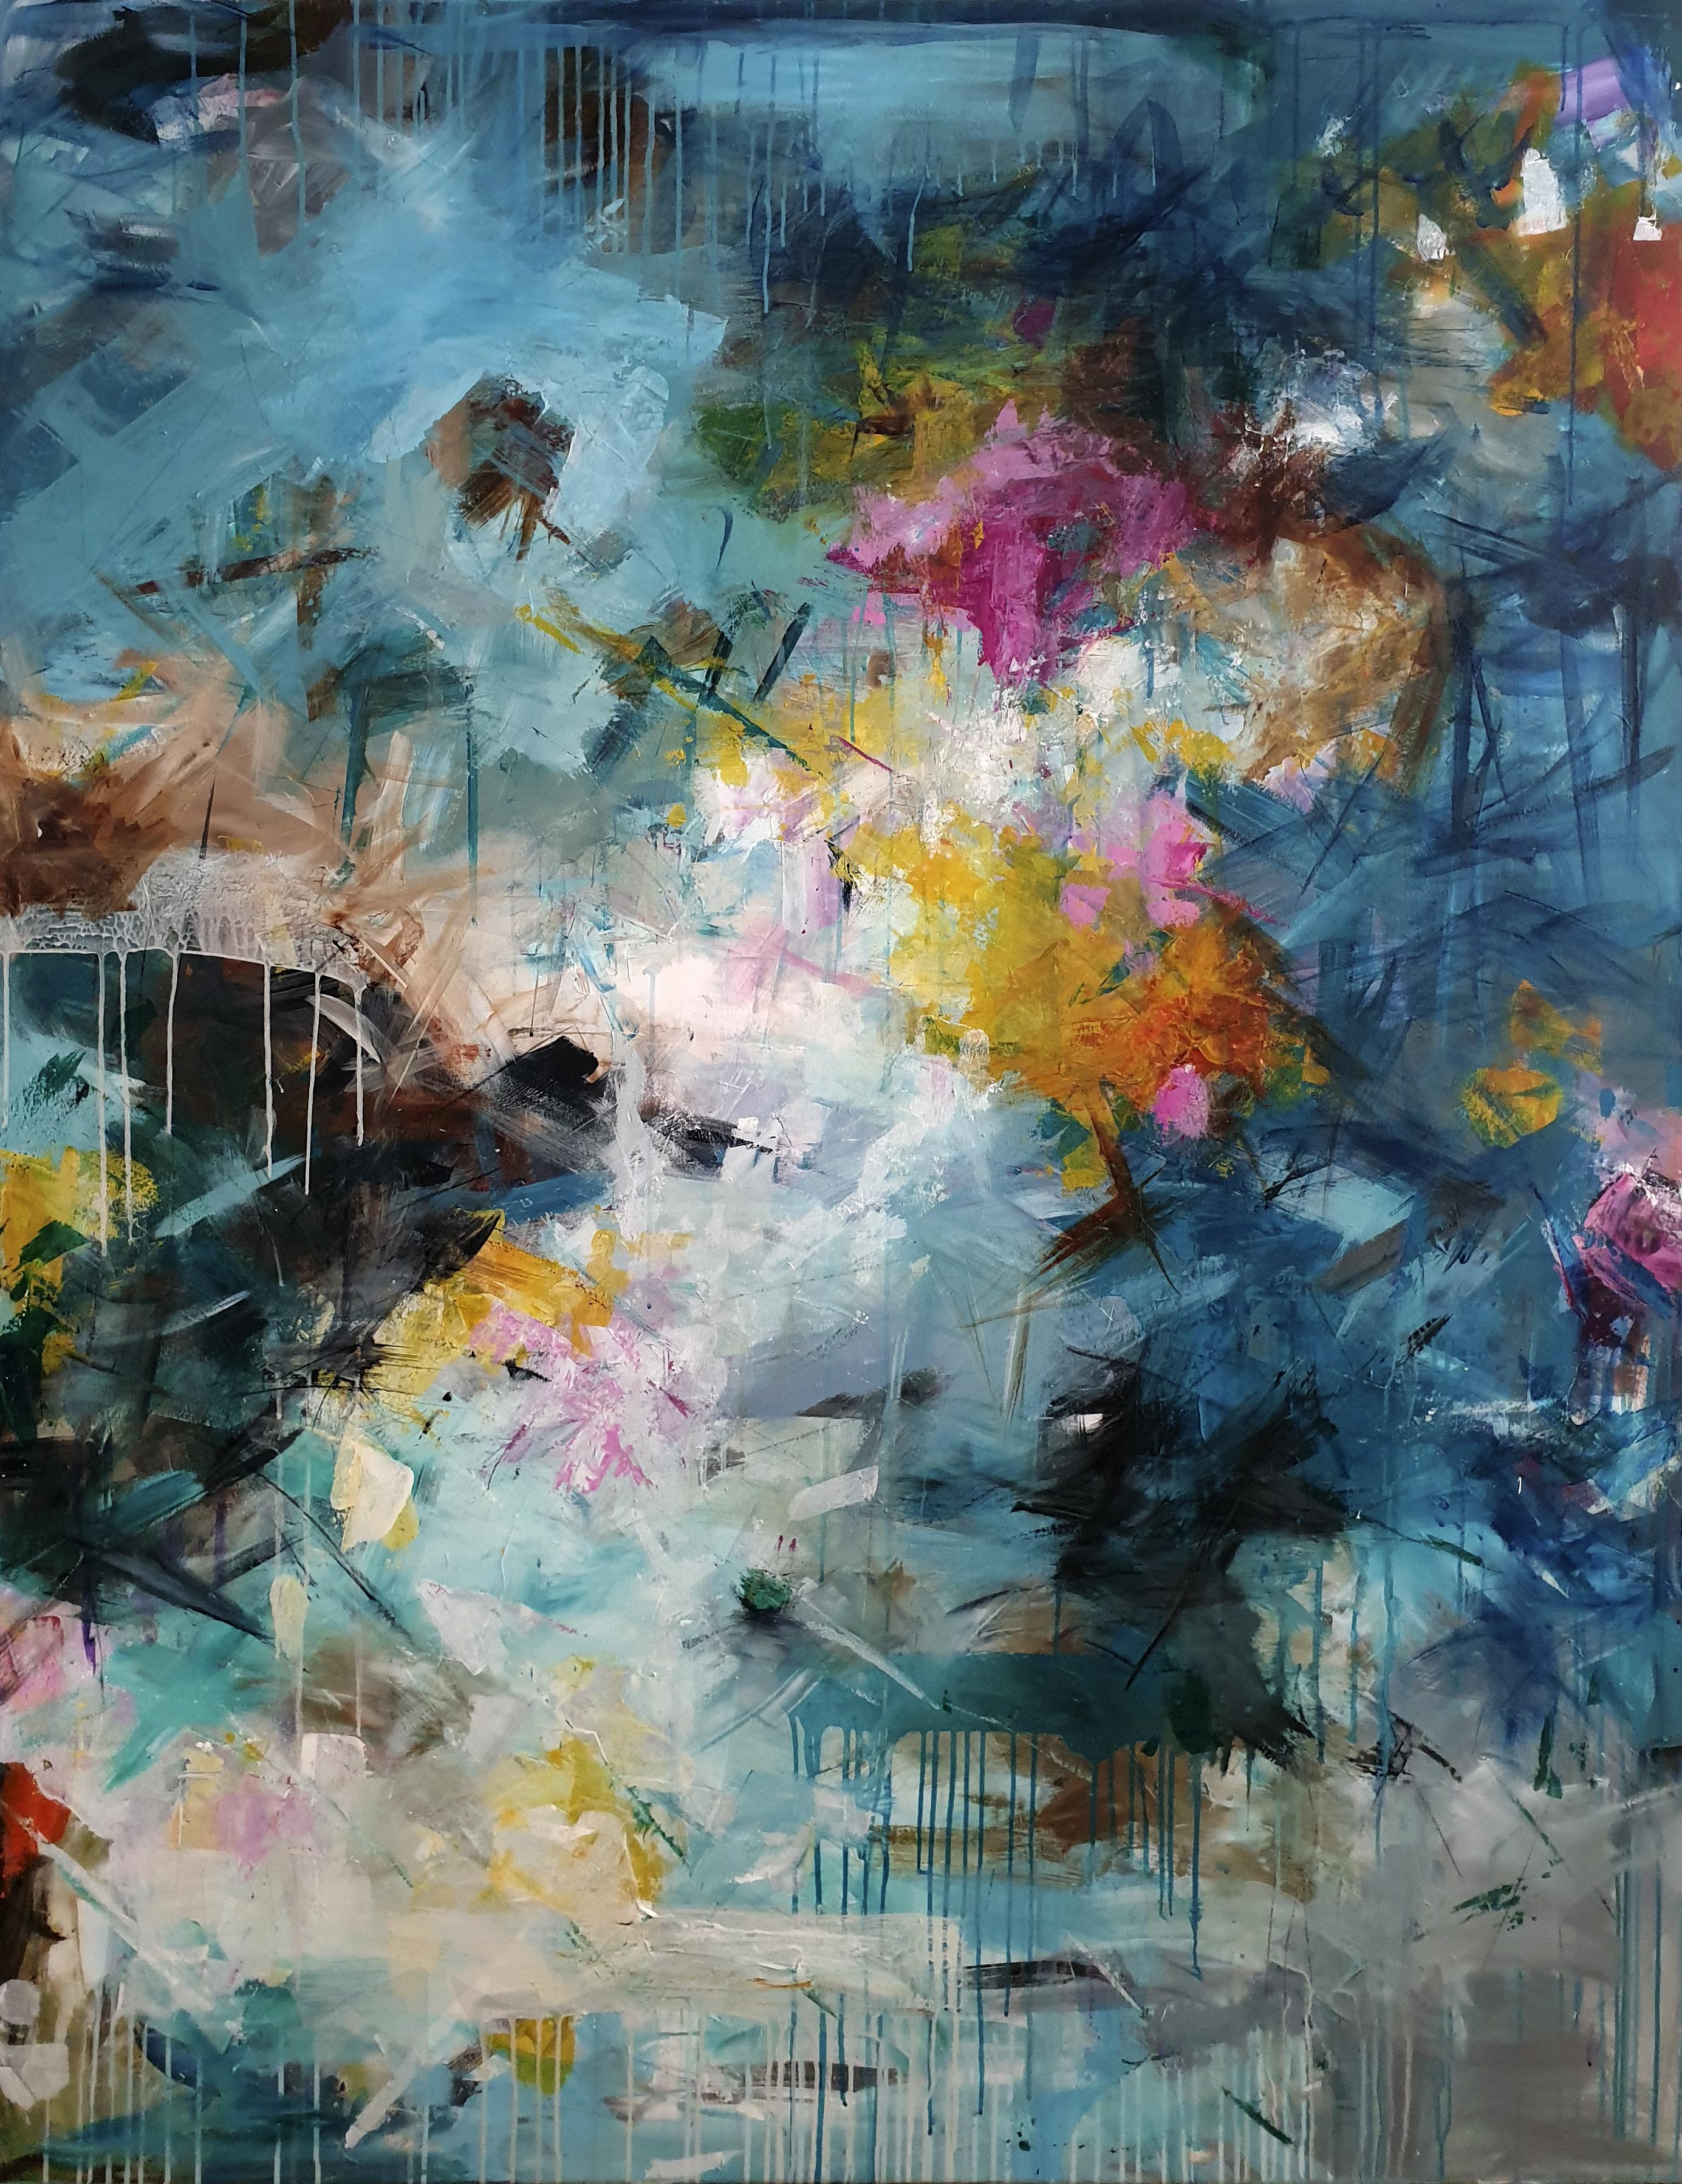 Solgt via Saatchi Gallery